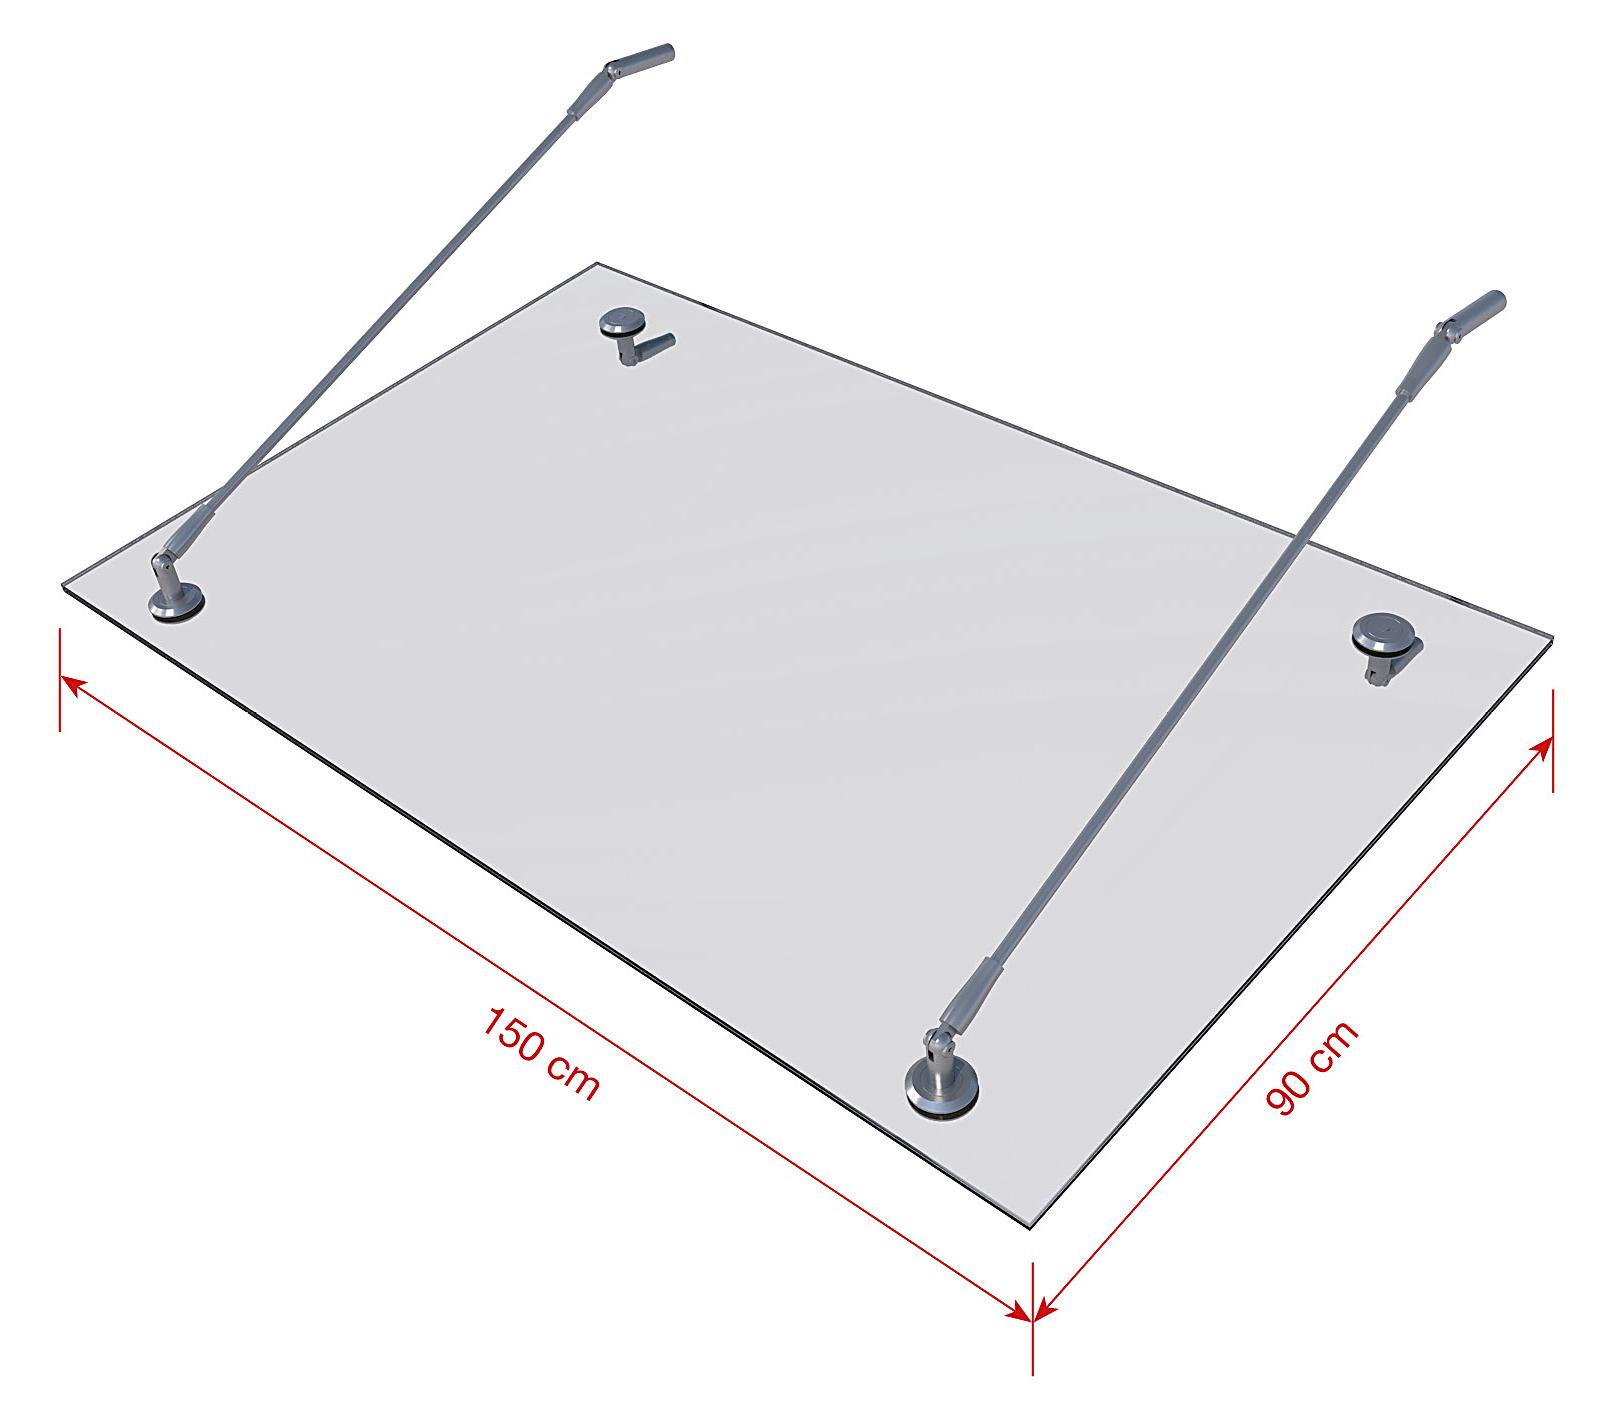 Echtglasvordach VD501